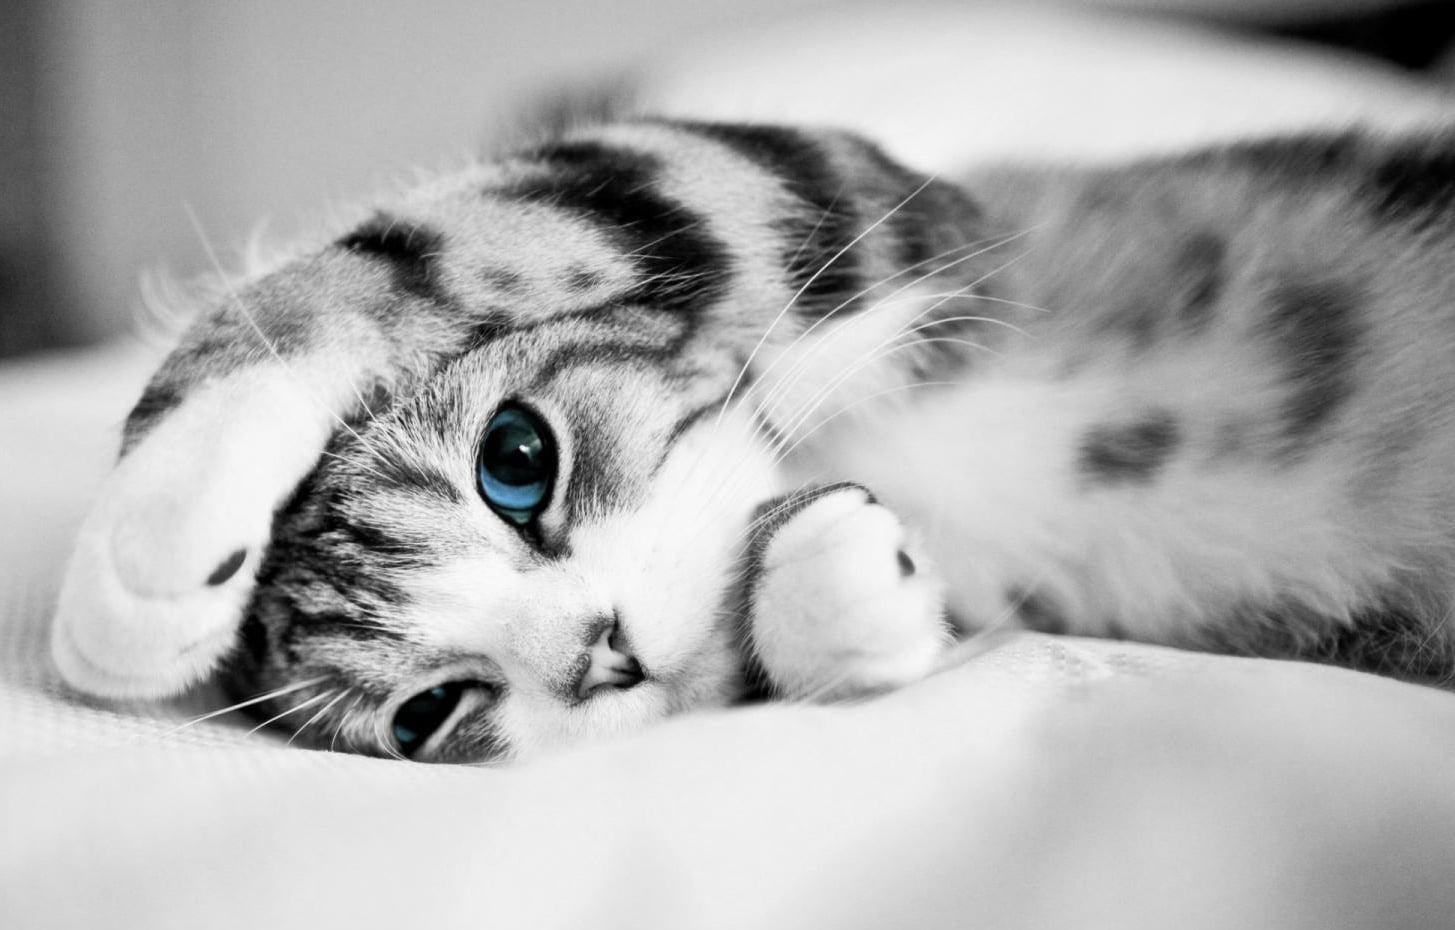 Hình ảnh chú mèo con siêu cute và dễ thương